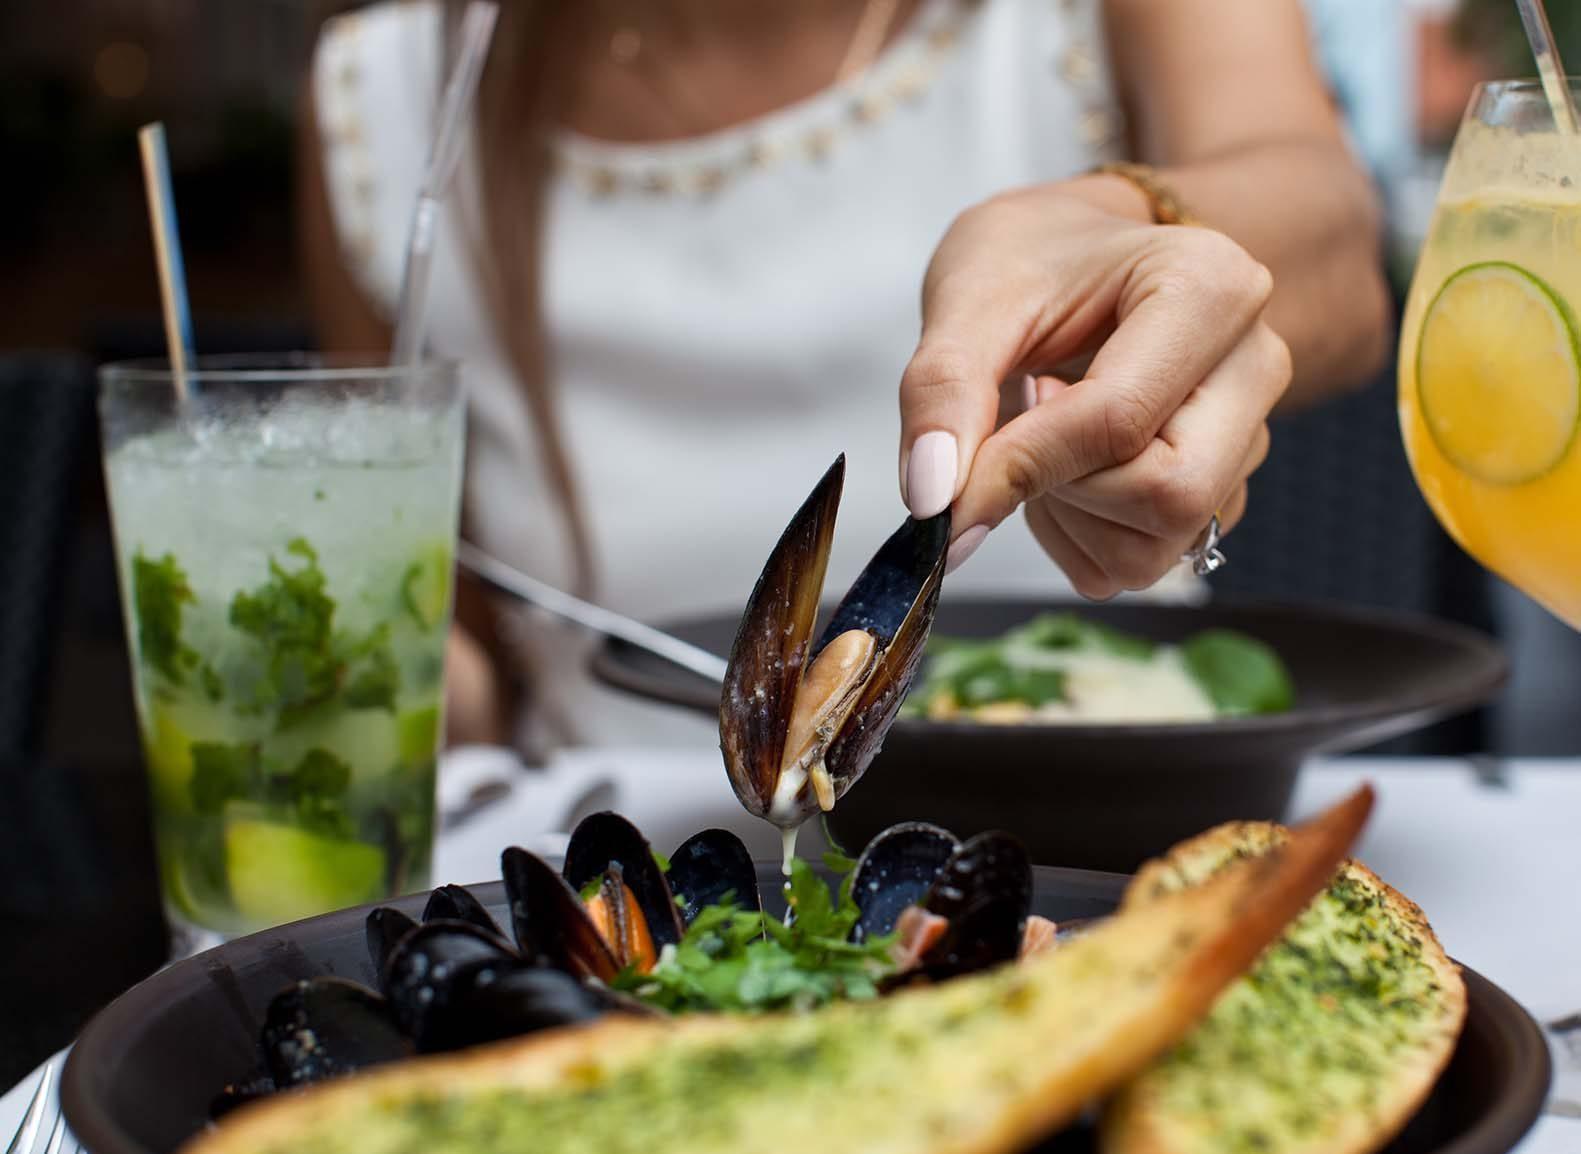 Muscheln richtig essen Tipps Restaurant Tisch Tischmanieren Etikette Restaurantknigge Restaurantetikette Susanne Erdmann Coach